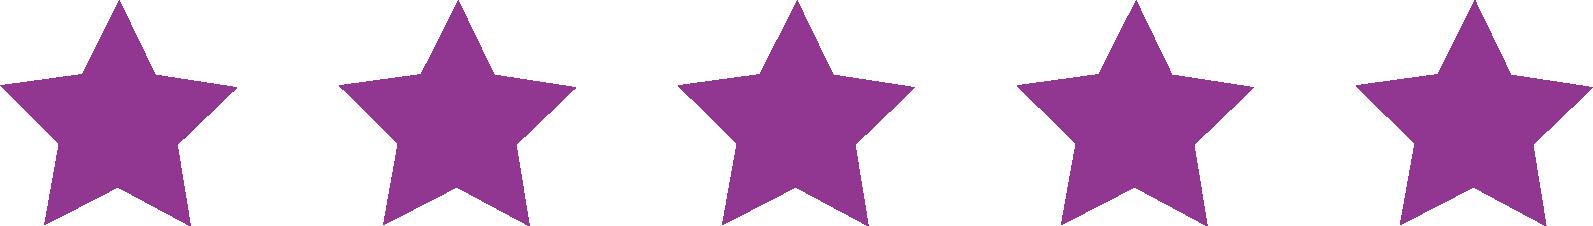 5 stars for StellarNova